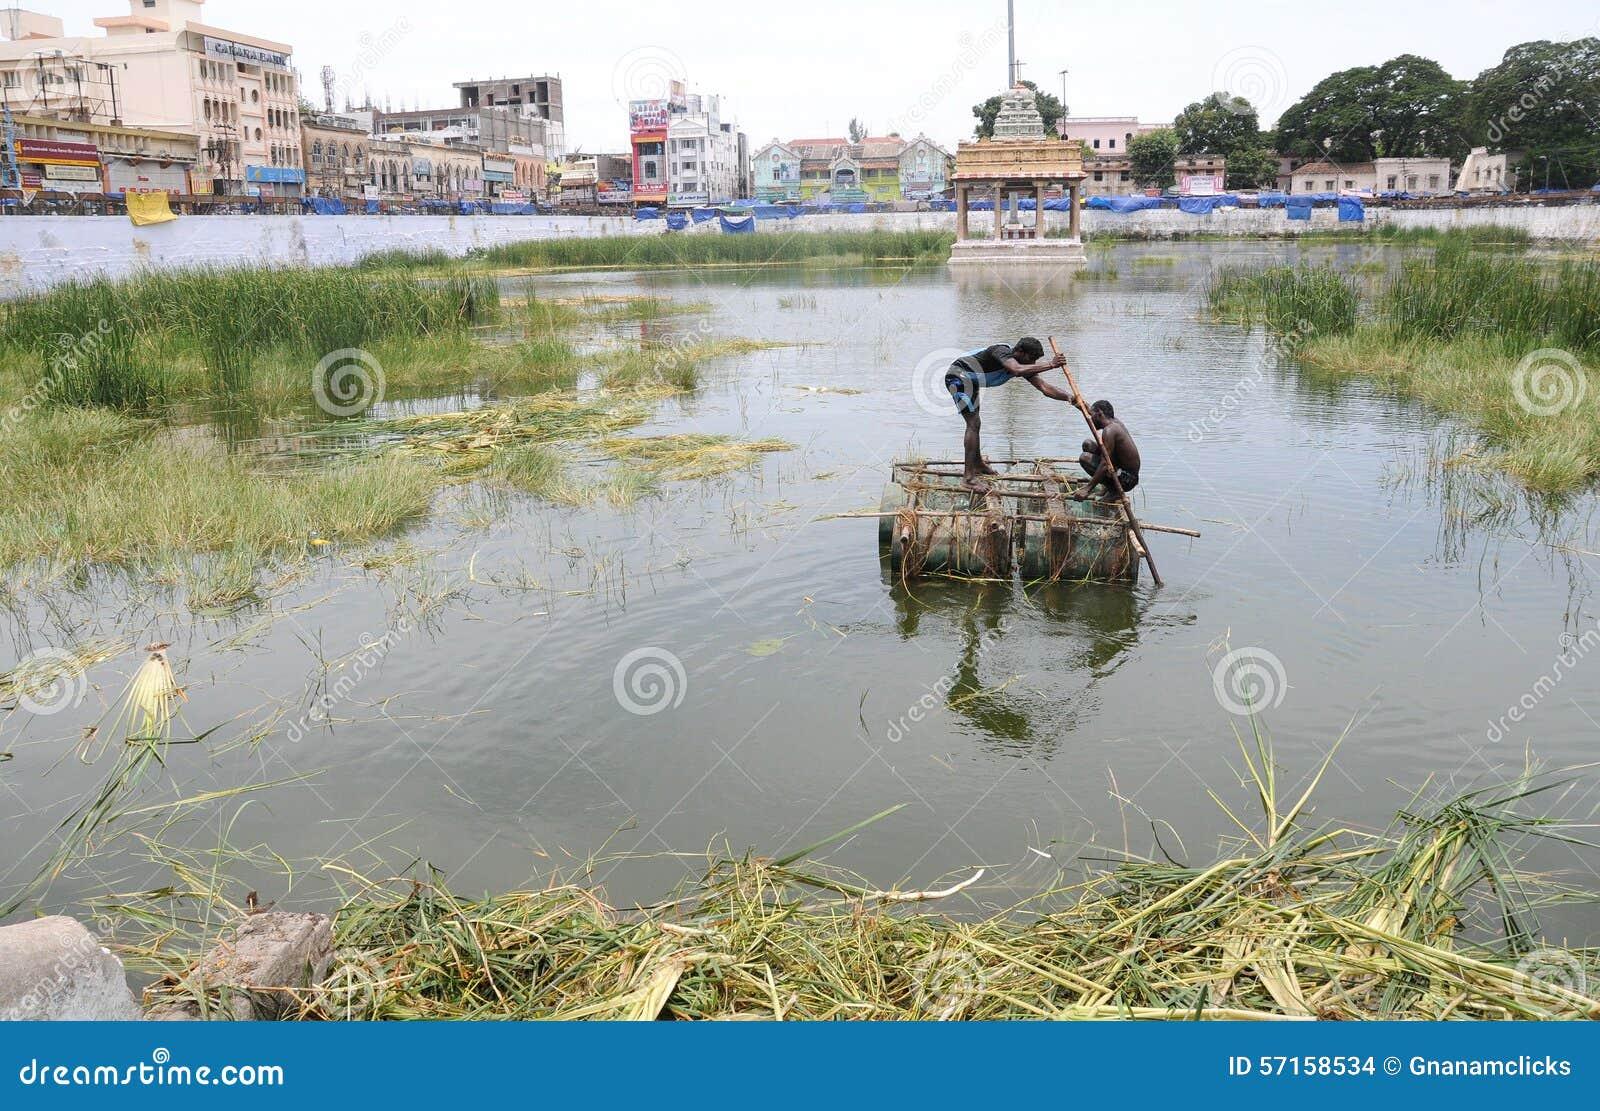 Teich Reinigen Cool Das Wasser Ist Abgepumpt Hinten Der